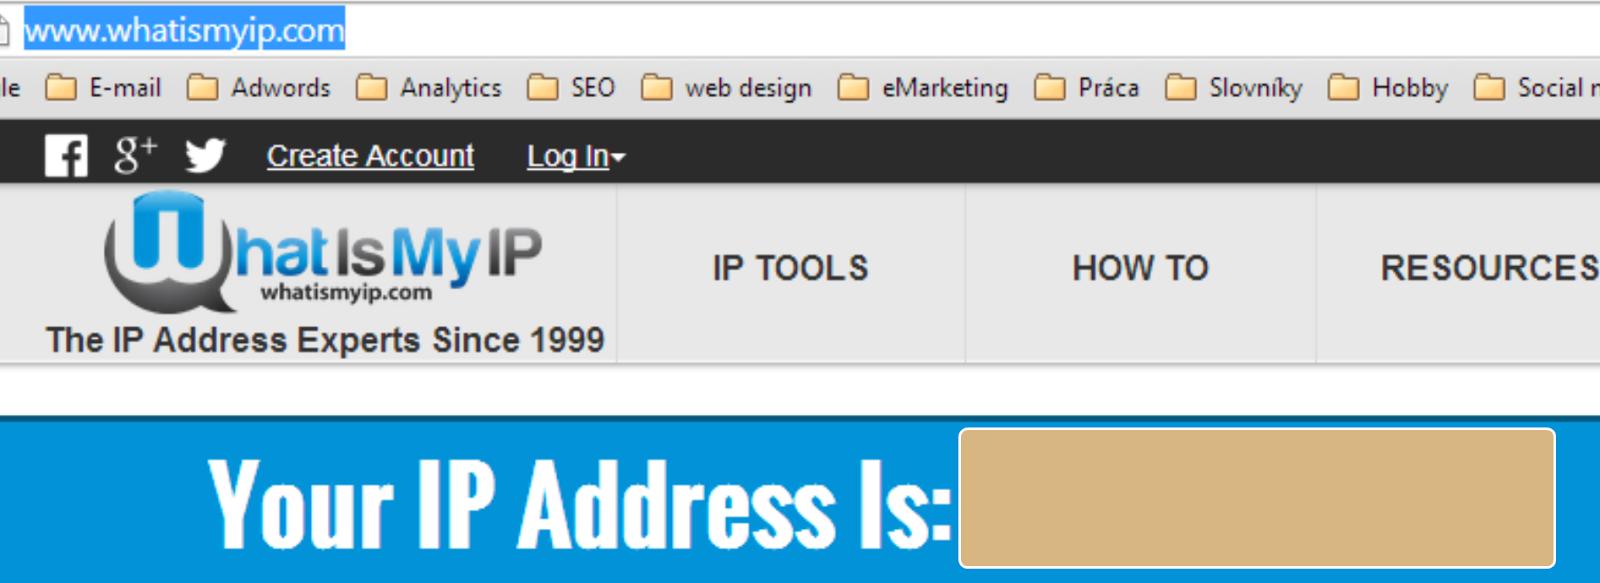 aká je vaša ip adresa?